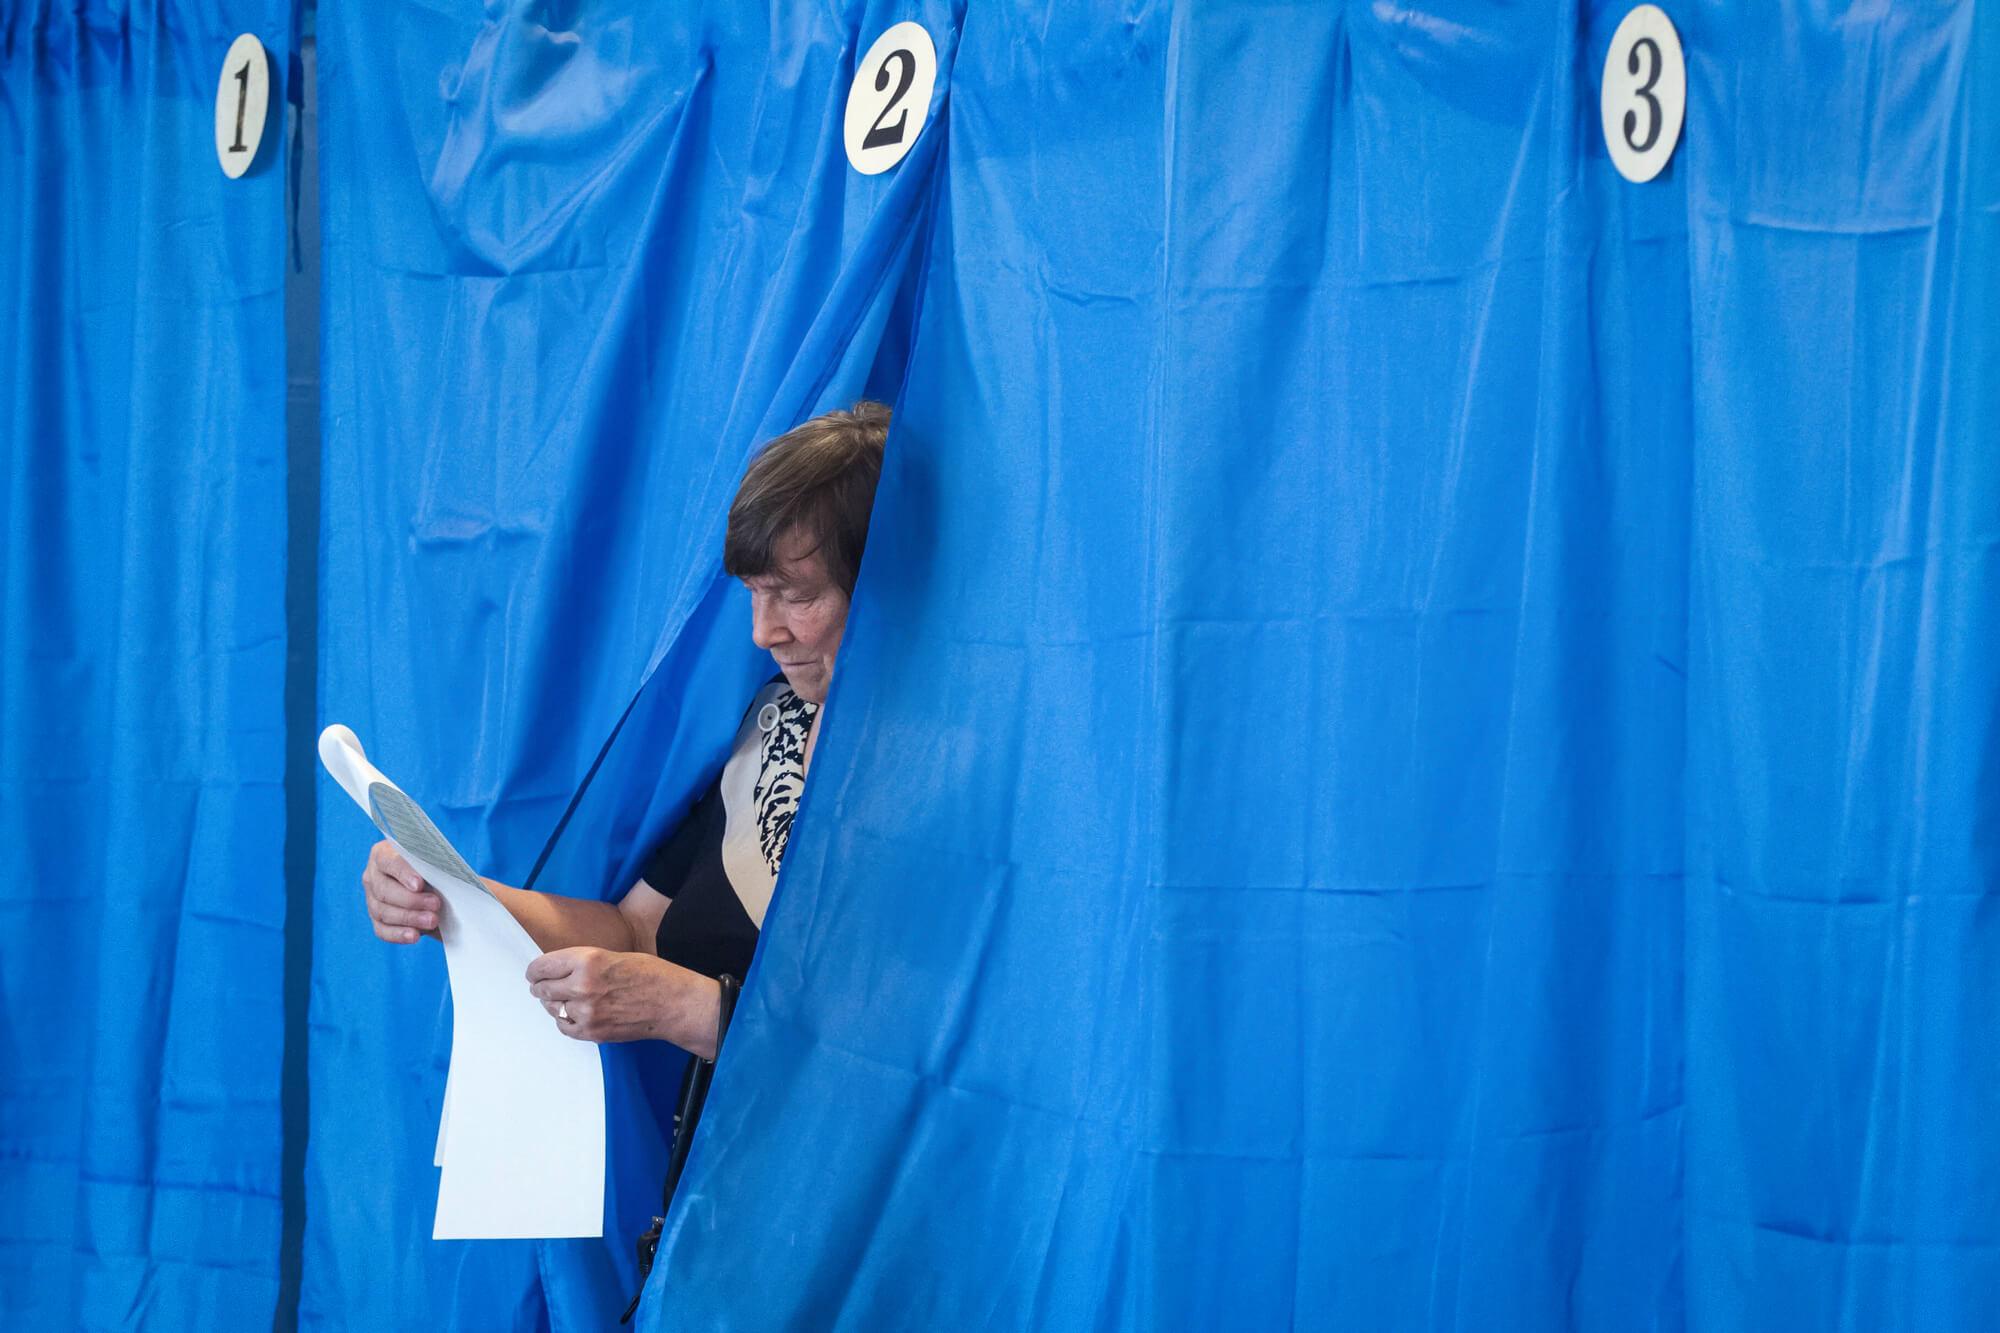 Чи служать партії народу? У пошуках партійних осередків напередодні місцевих виборів